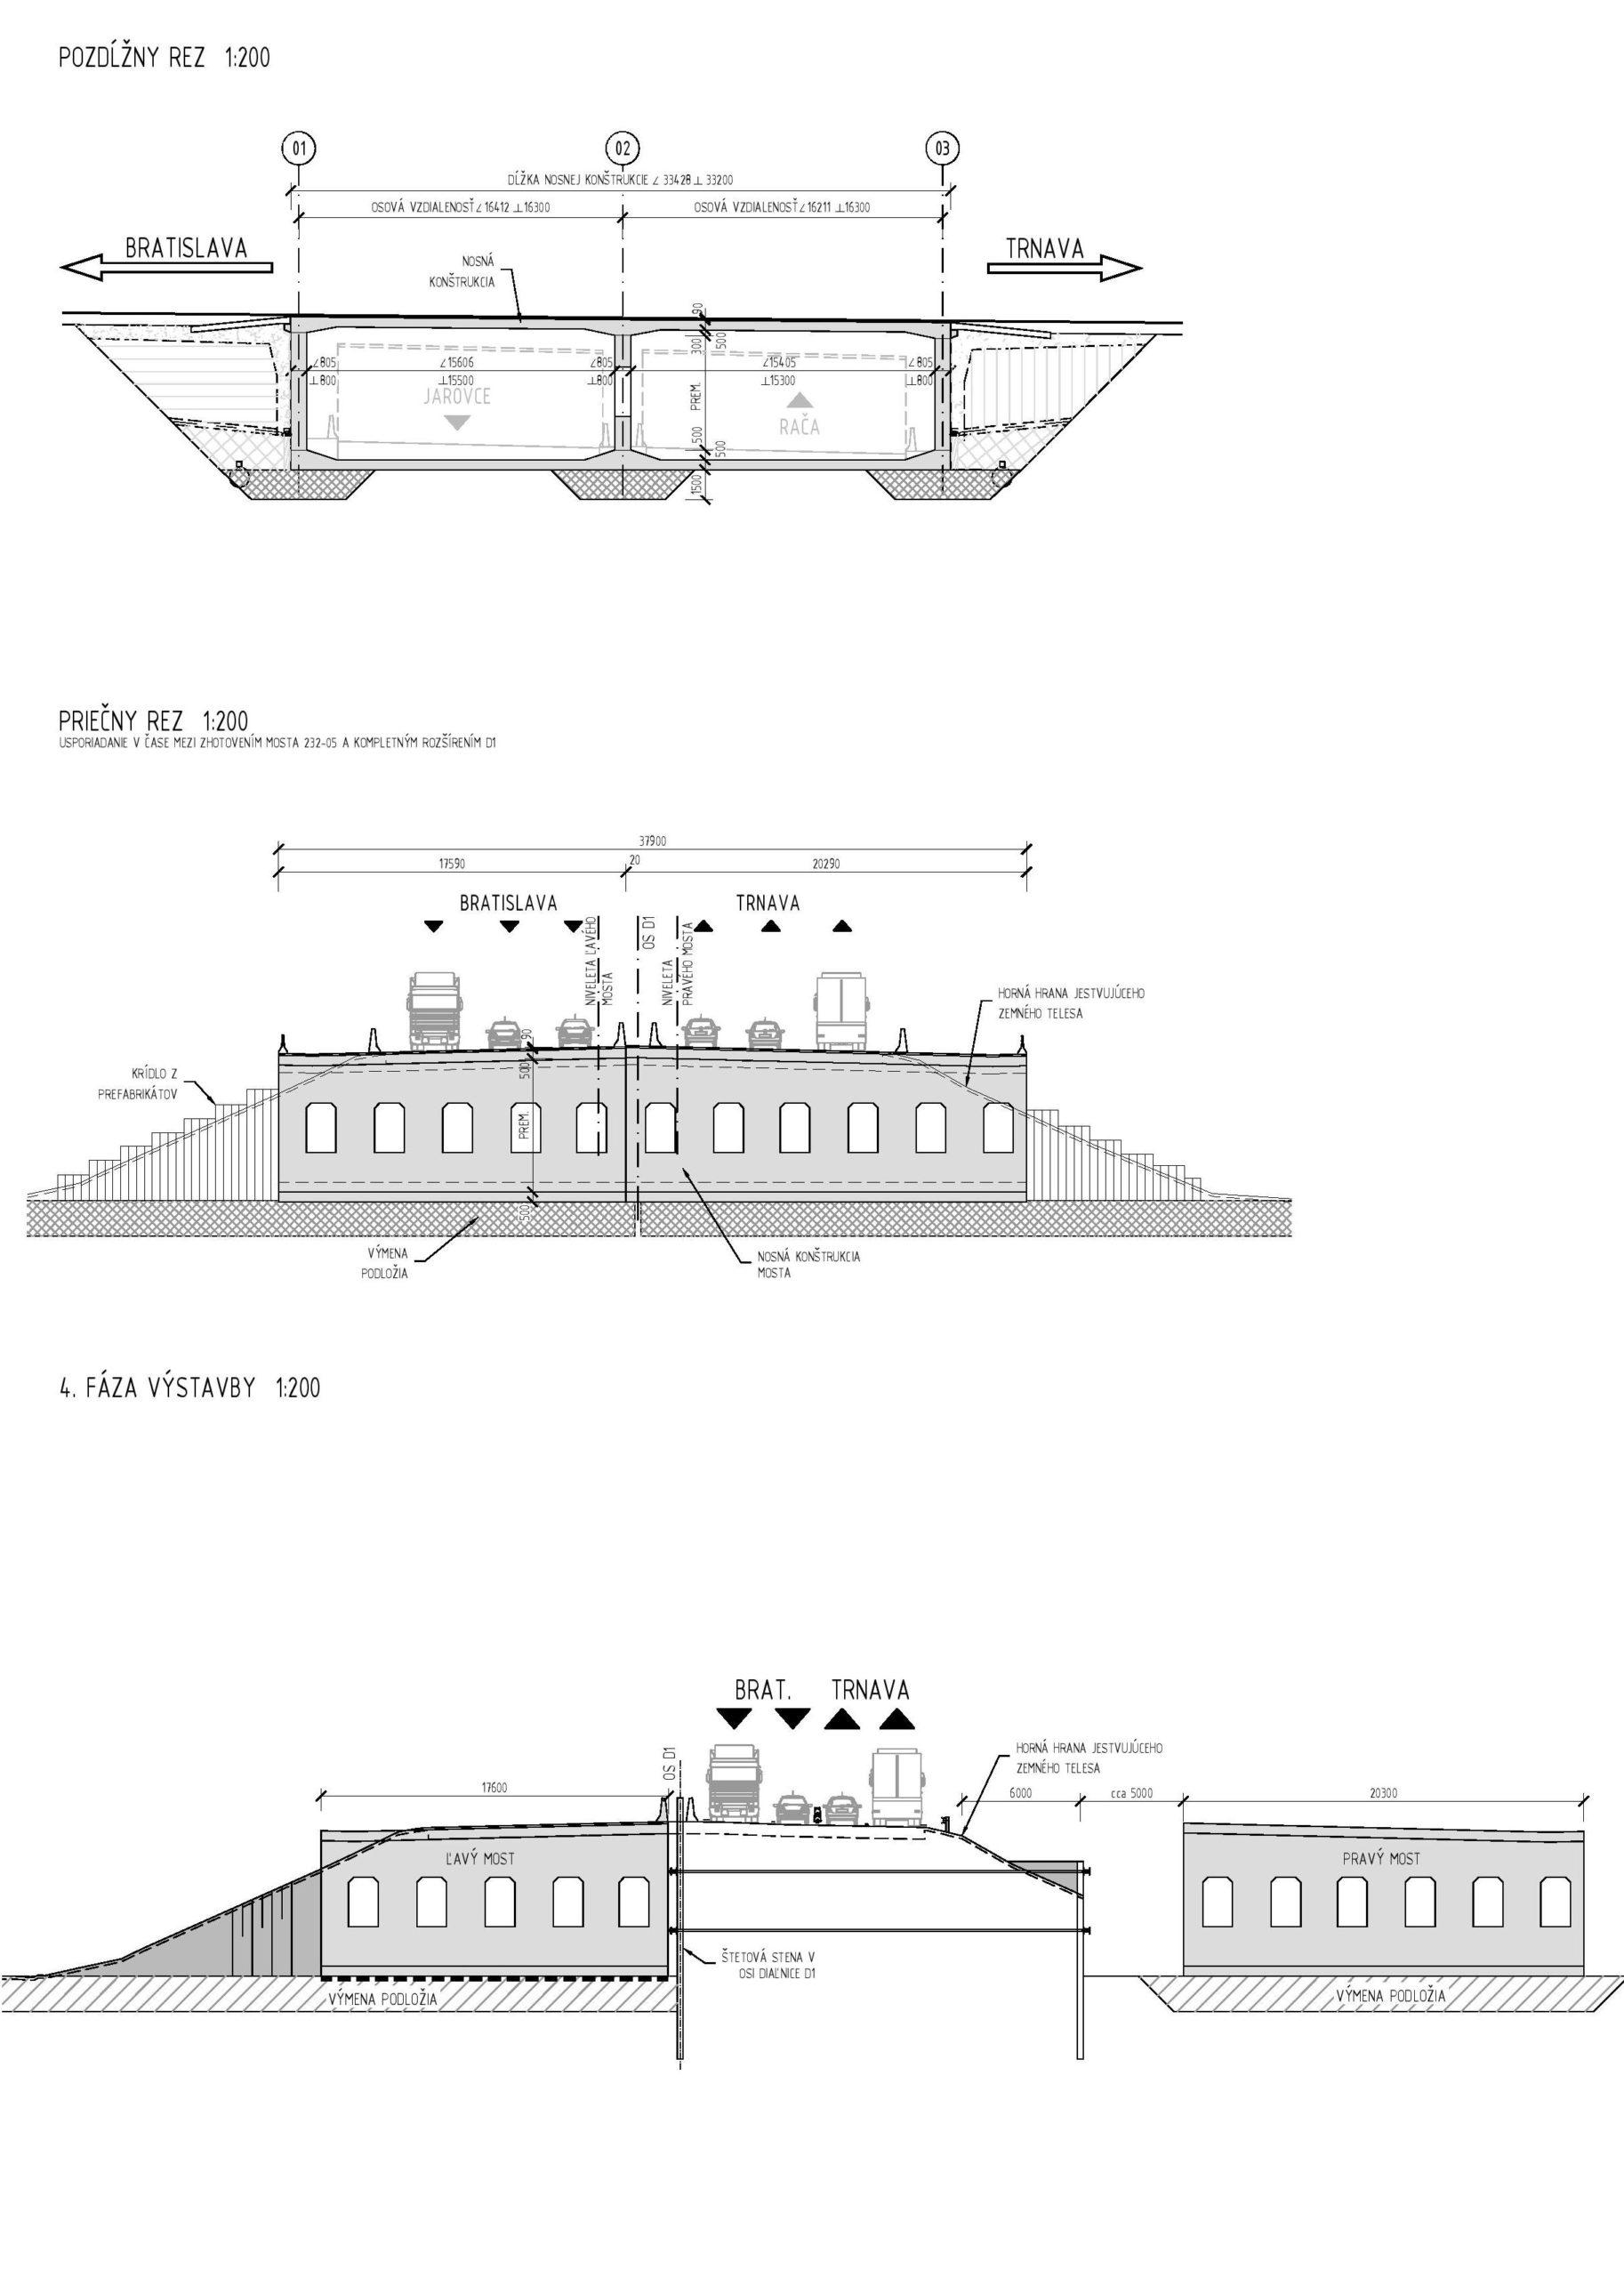 Pozdĺžny rez (v strede), priečny rez (hore), jedna z projektovaných fáz výstavby (dole).